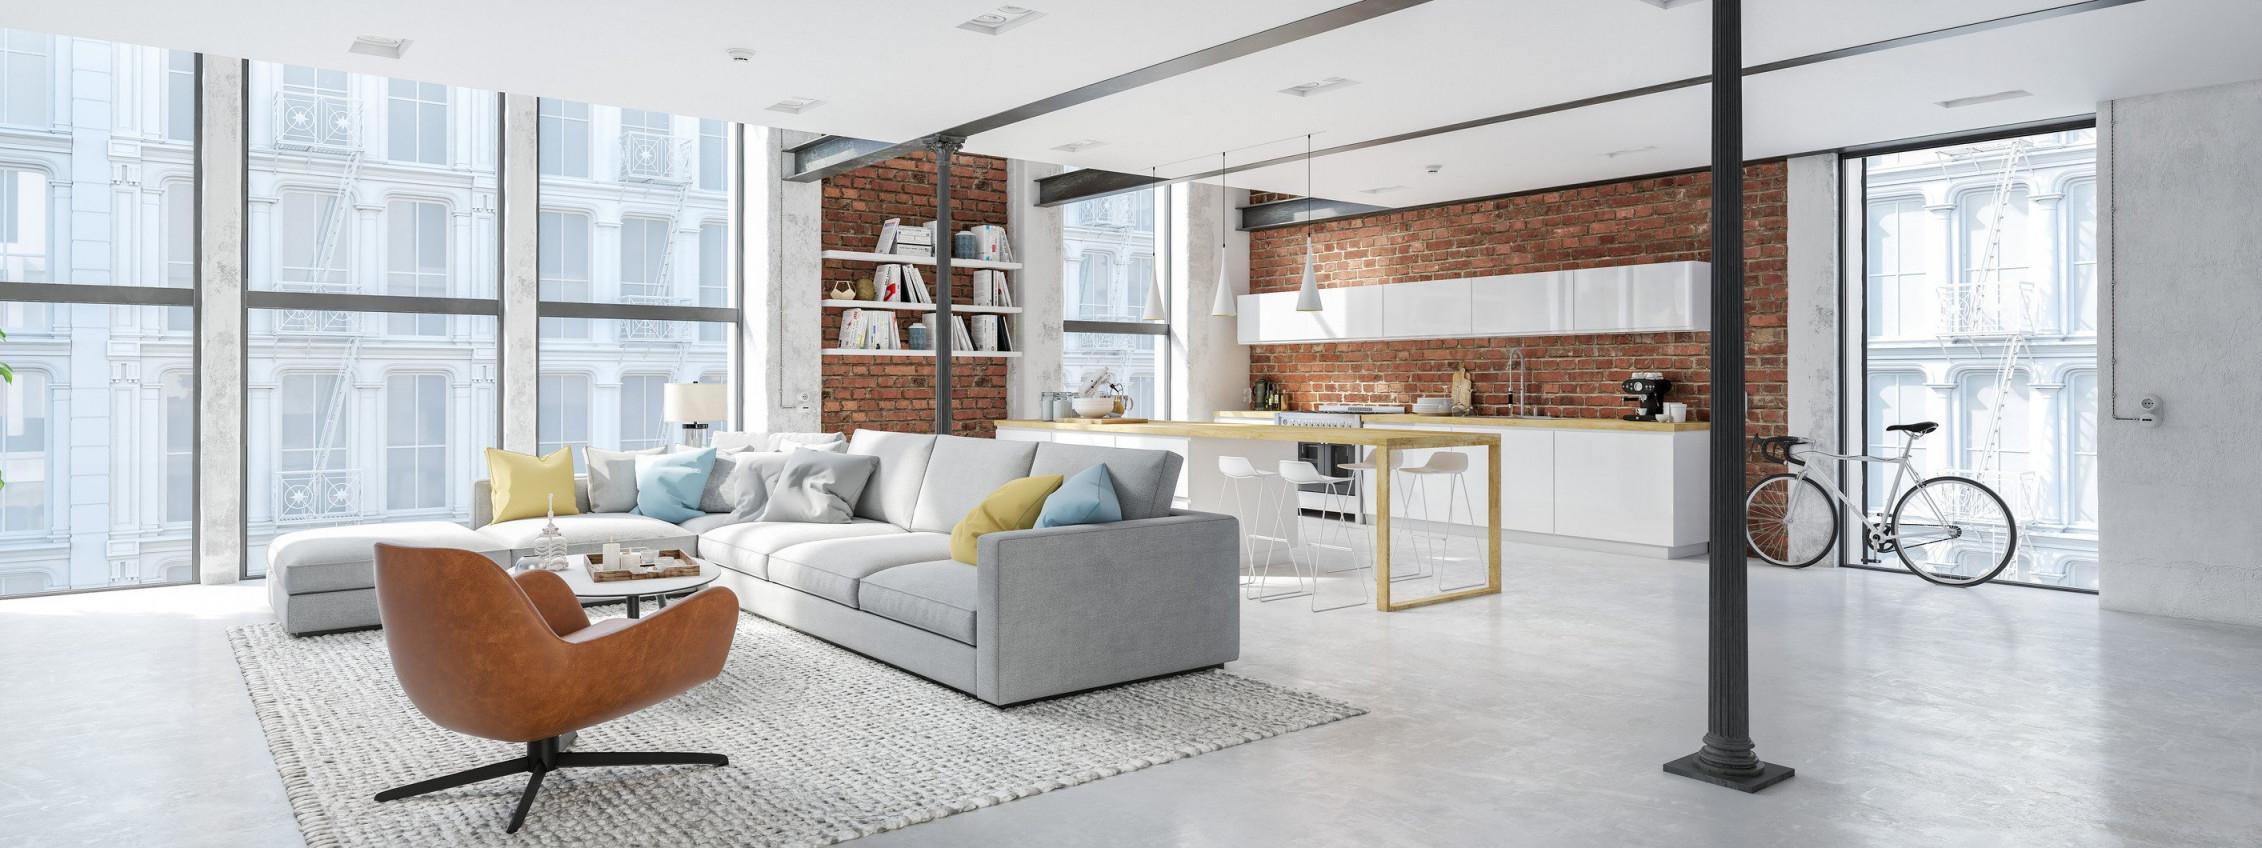 Wohnung Einrichten 9 Ideen Rund Um Farben Materialien Und von Wohnzimmer Edel Einrichten Photo